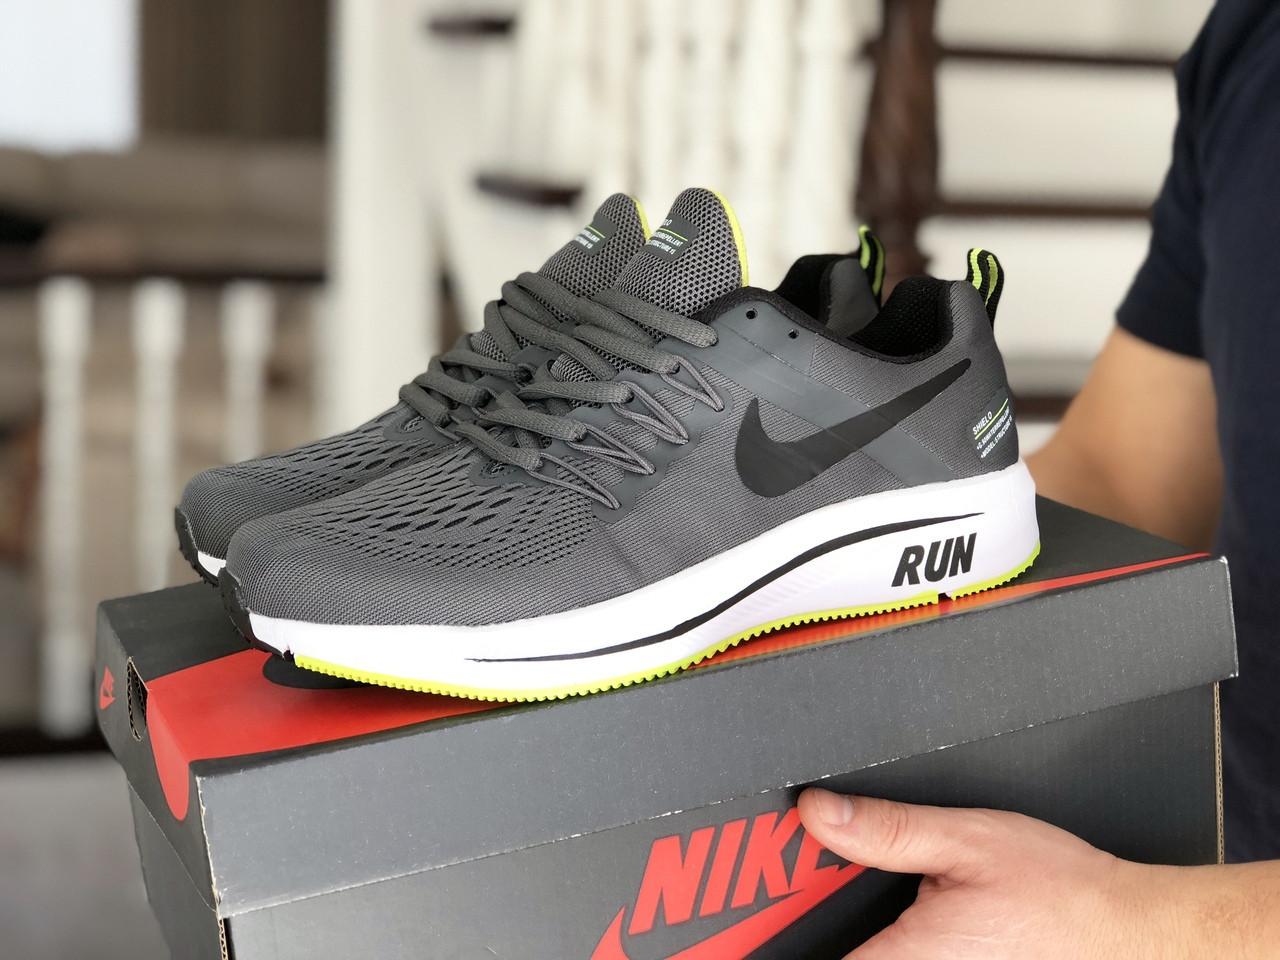 Мужские кроссовки Nike Run shield (серо-белые с салатовым) 9069